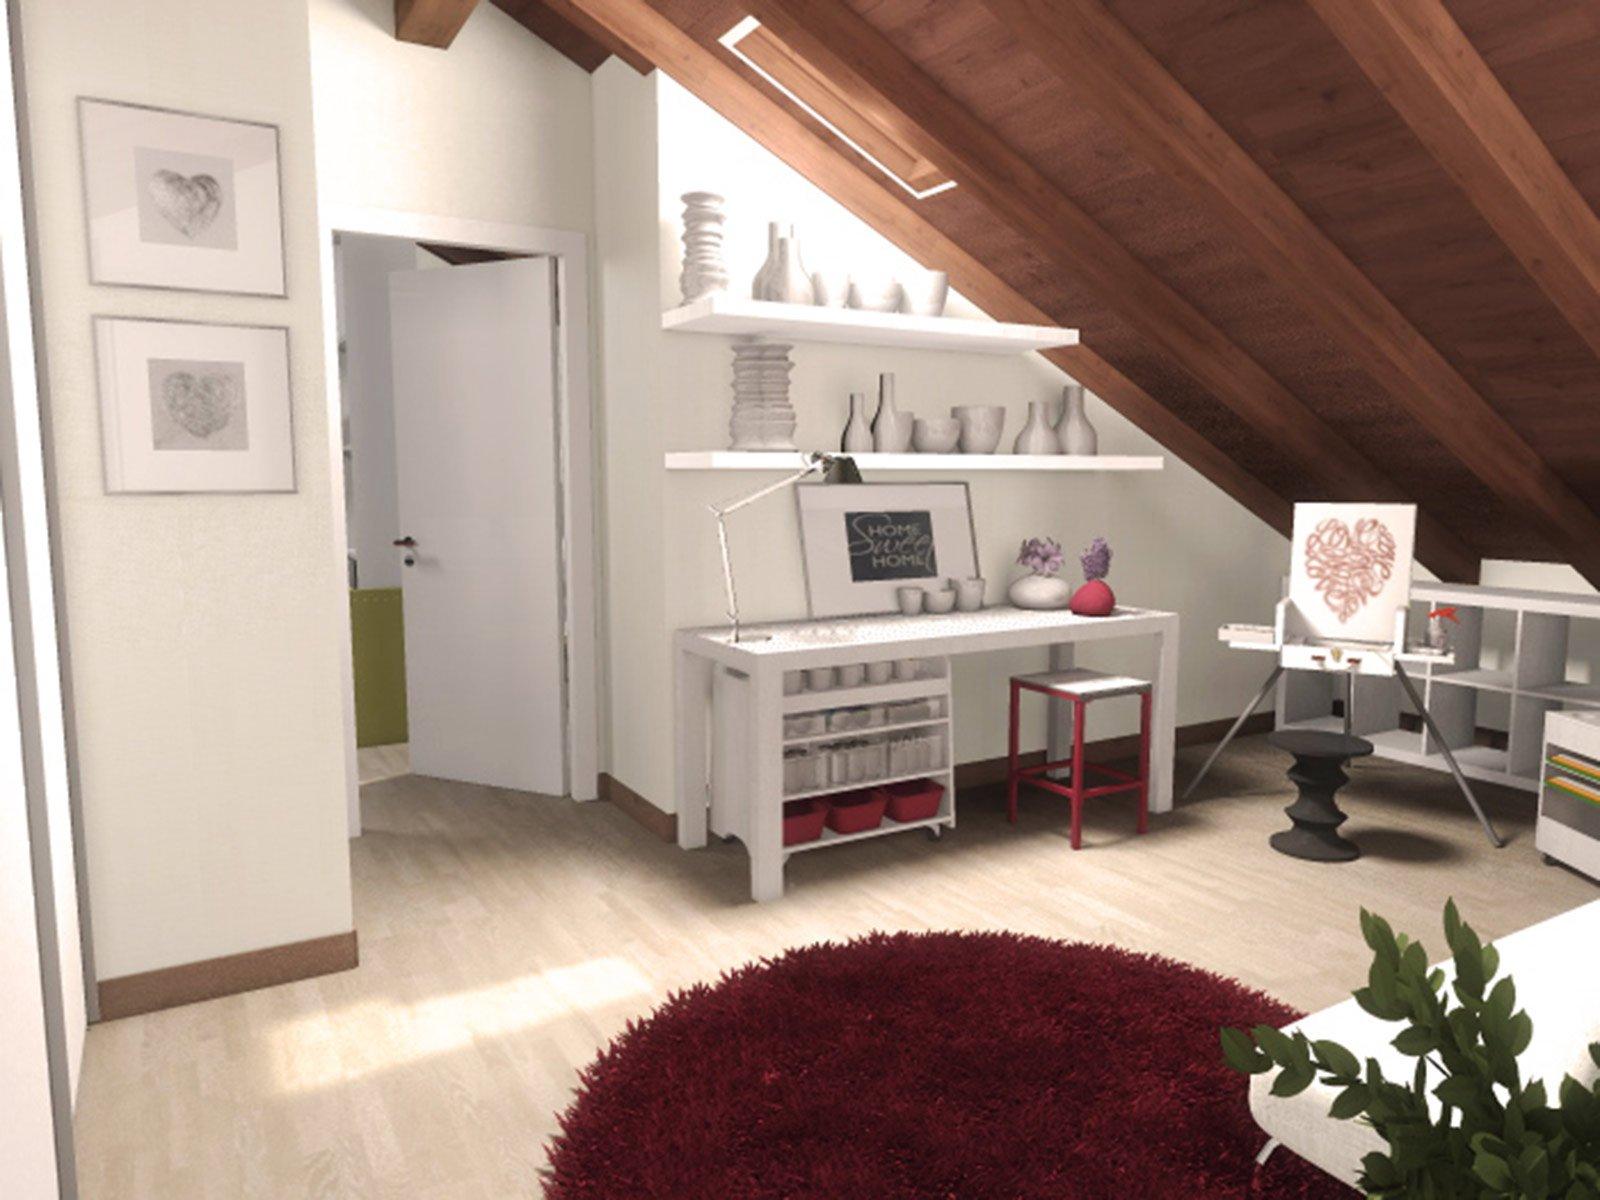 La mansarda da dividere in camera e studio cose di casa - Camera studio arredamento ...